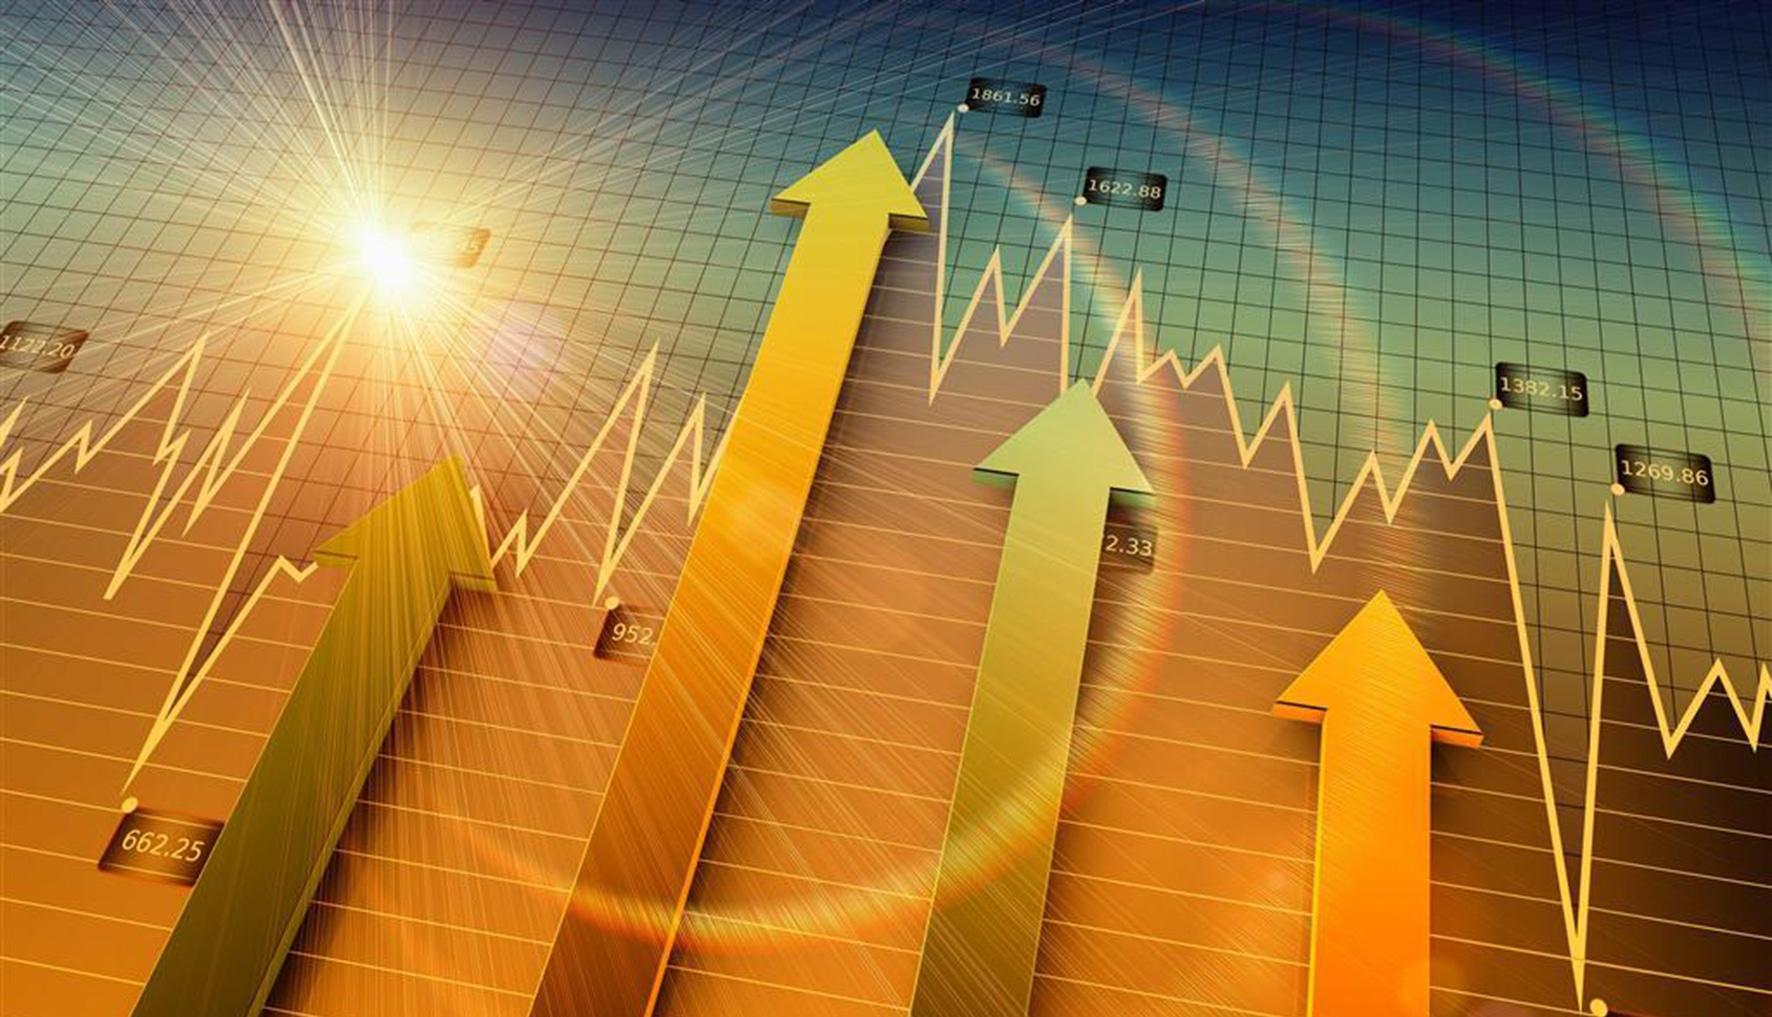 股市实时行情播报:91.67%股票上涨